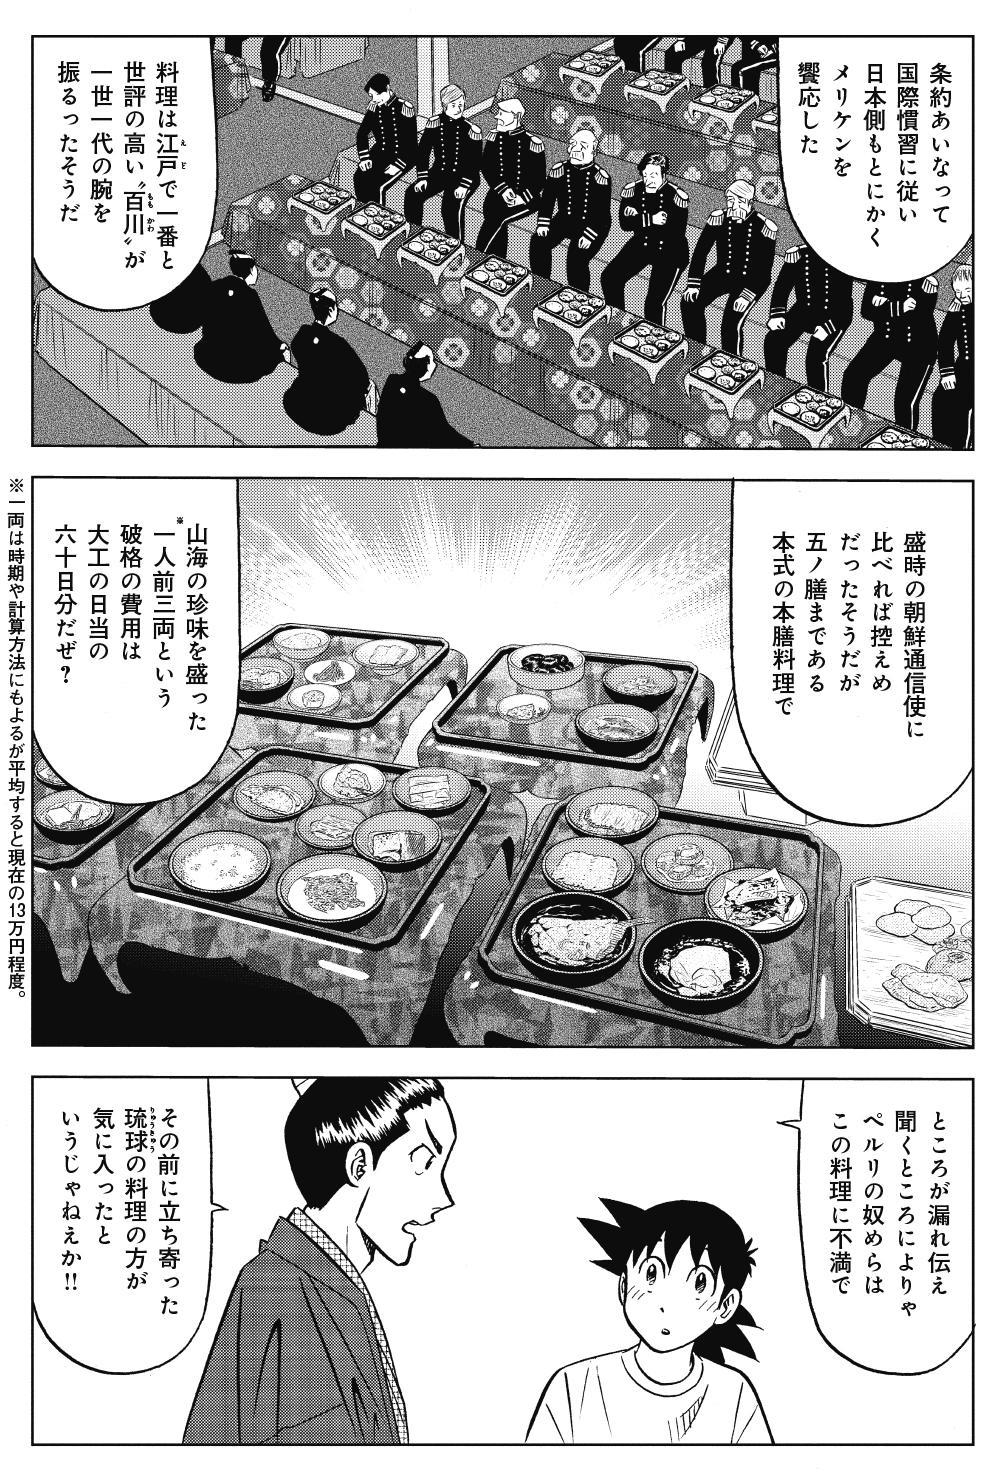 ミスター味っ子 幕末編 第1話「黒船来航」②ajikko12.jpg